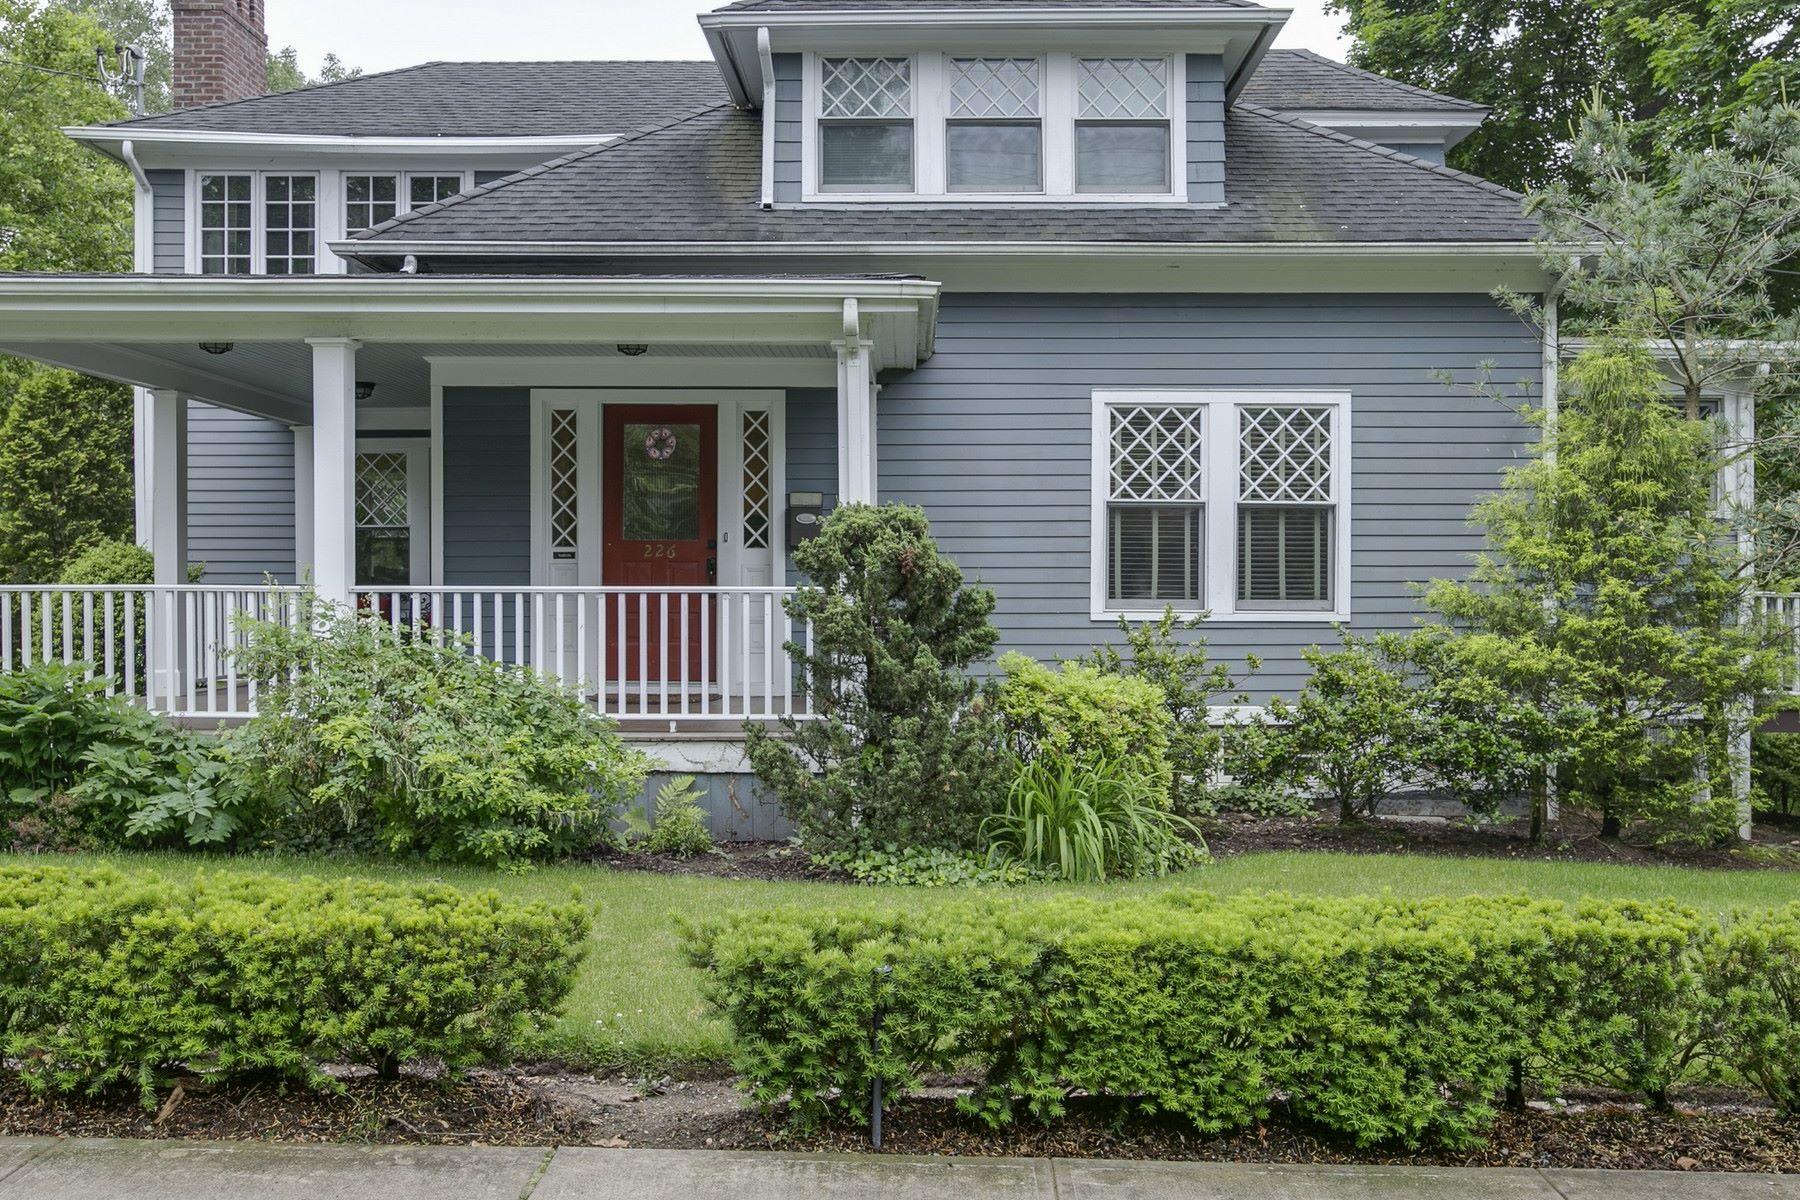 Частный односемейный дом для того Продажа на Colonial 226 Bay St Douglaston, Нью-Йорк, 11363 Соединенные Штаты